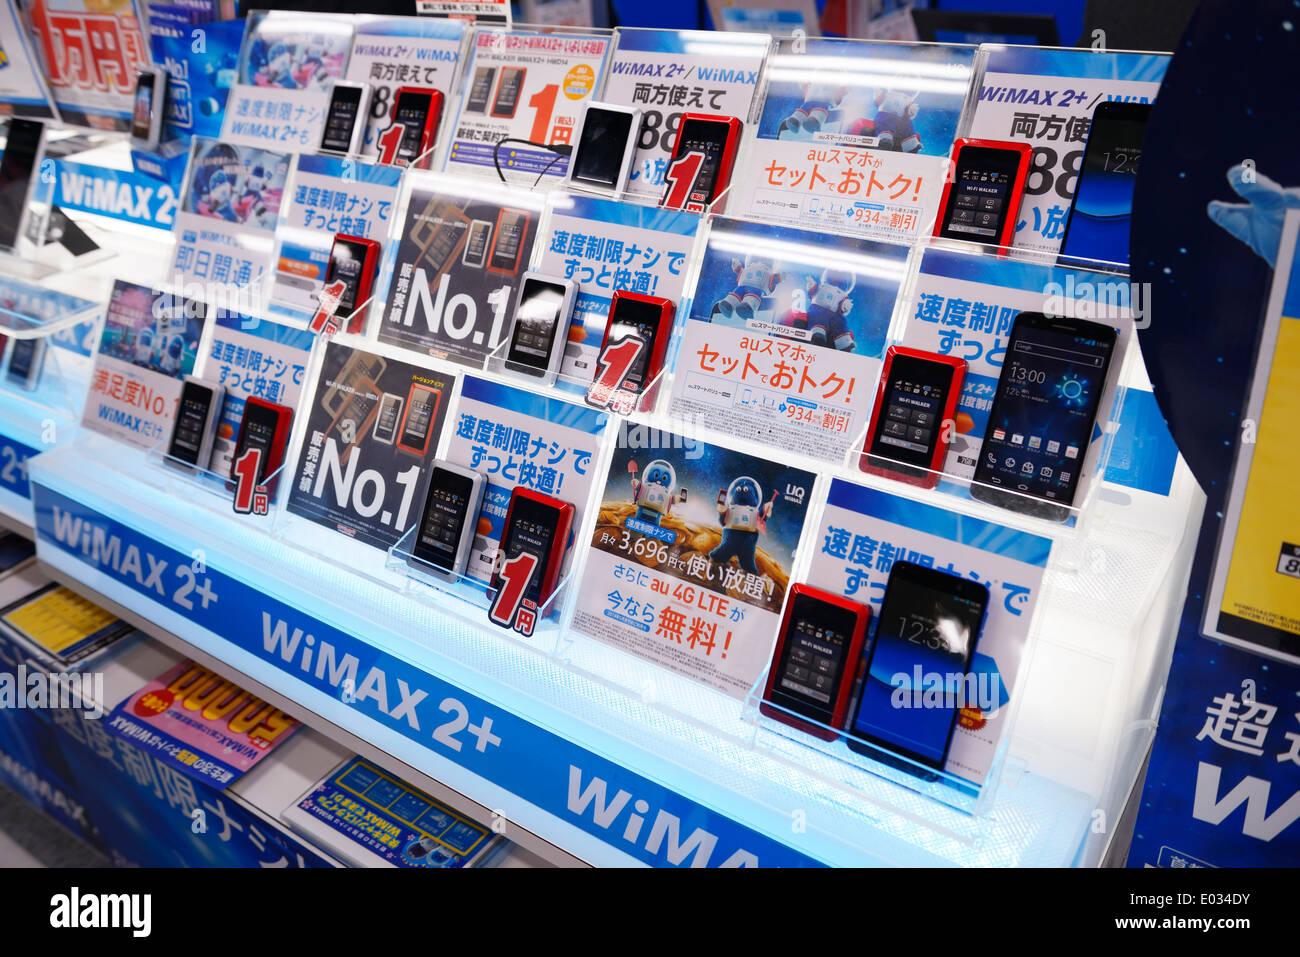 WiMAX 2 dispositivos WiFi portátil pocket WiFi, conexión Wi-FI a Walker en la tienda, Tokio, Japón. Imagen De Stock